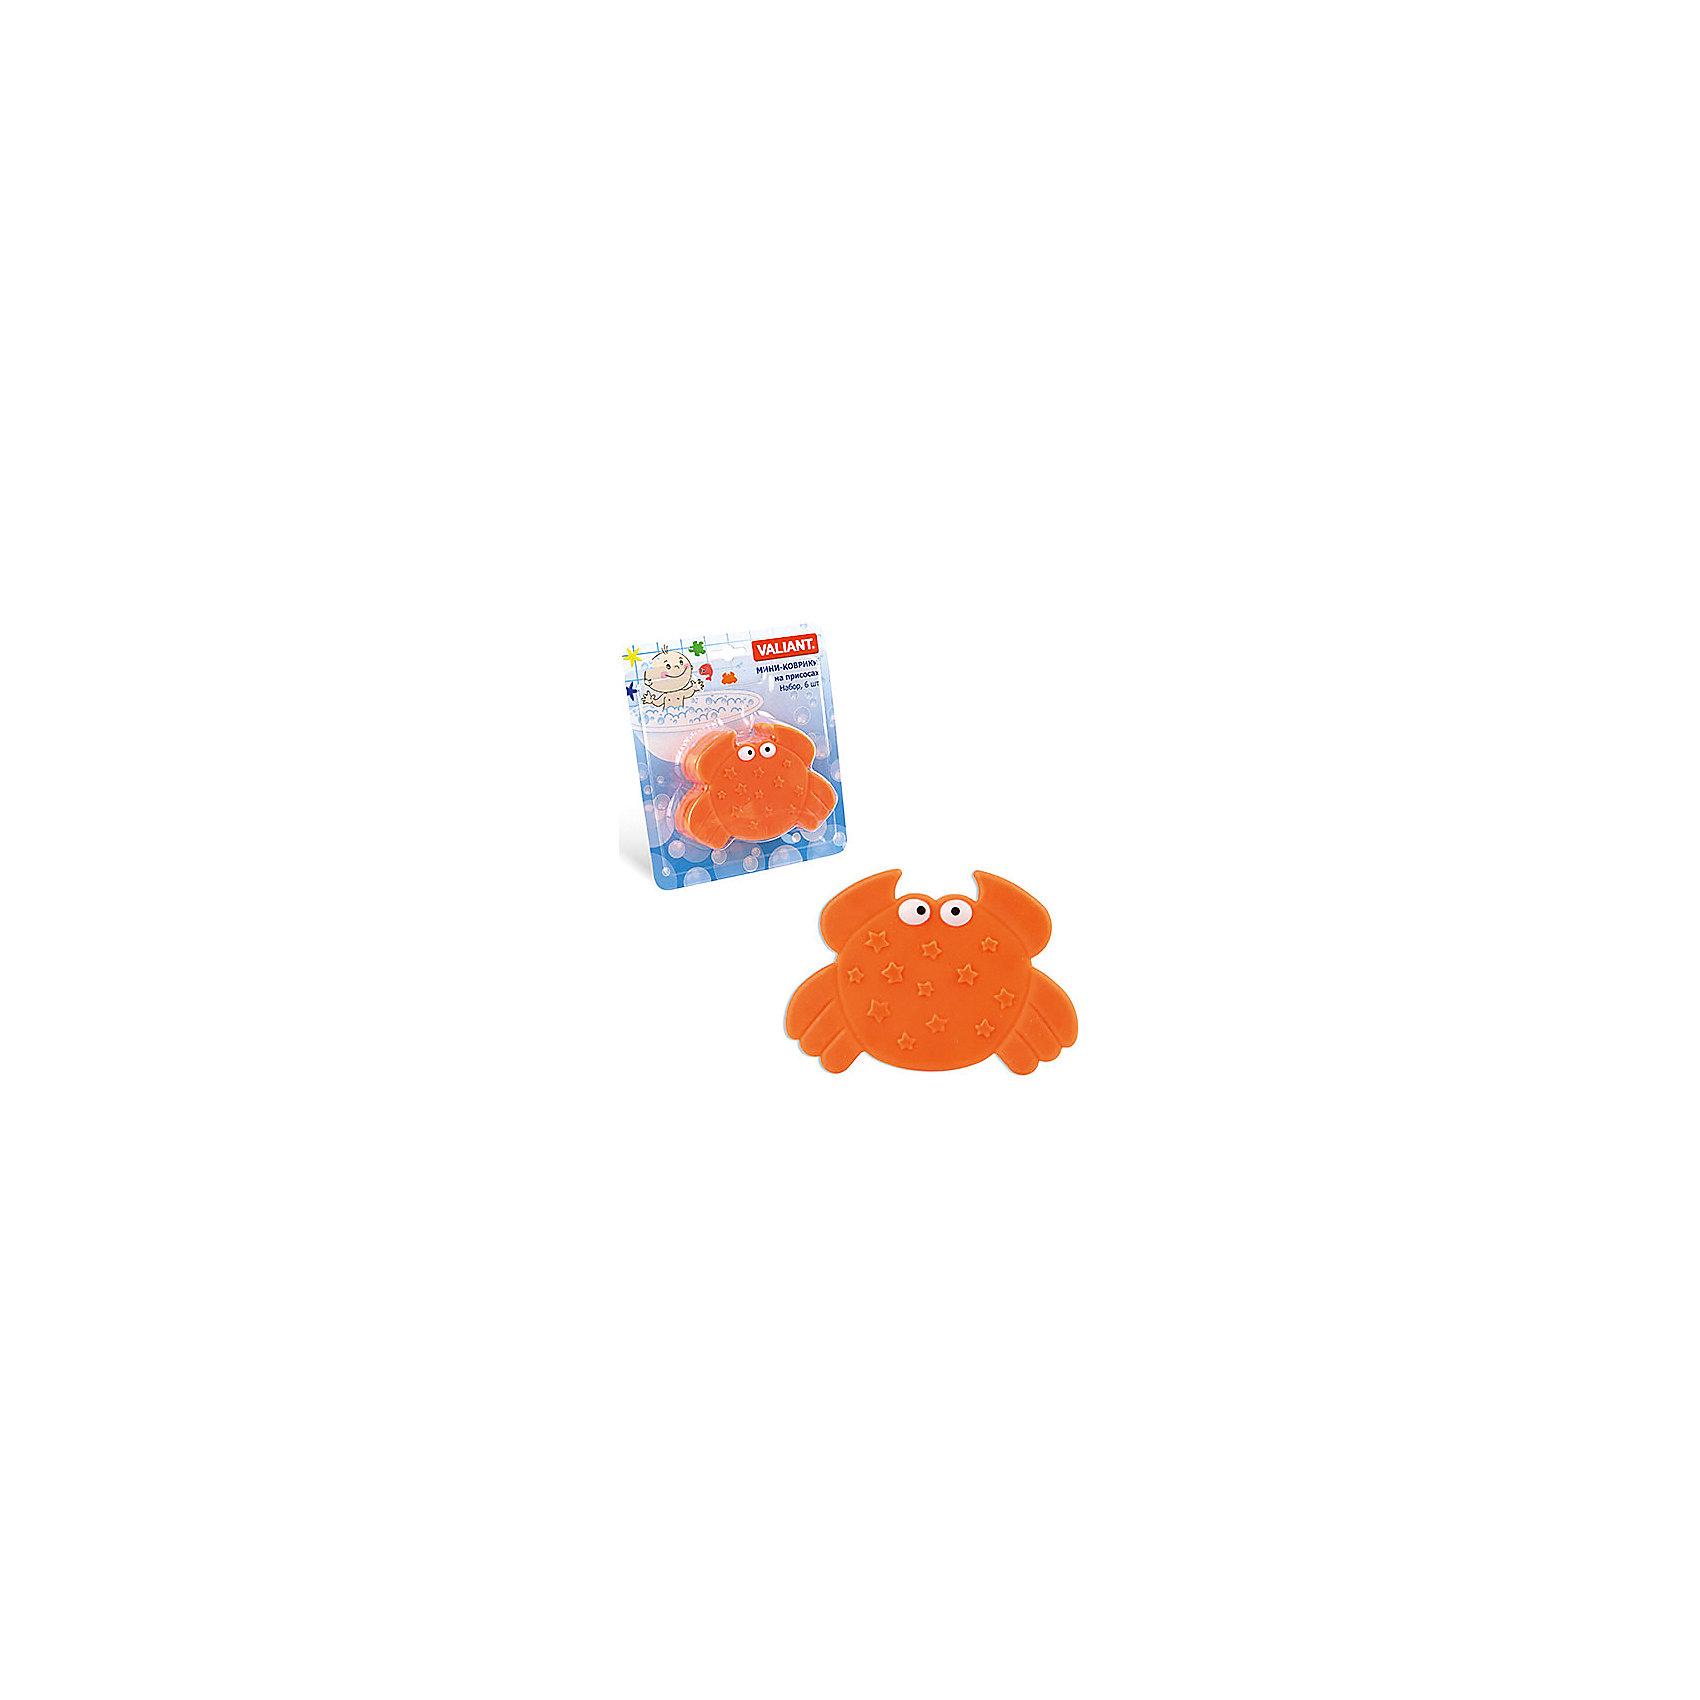 Набор ковриков Краб на присосках (6 шт)Ванная комната<br>Мини-коврики для ванной комнаты - это яркое дополнение к купанию малыша. Это и игра и развитие моторики и изучение зверушек. <br>Колоссальный и постоянно растущий спрос на них обусловлен реакцией малышей и их мам на данное изобретение по всему миру.<br>Мини-коврики снабжены присосками и превосходно клеятся на влажный кафель.<br><br>Ширина мм: 190<br>Глубина мм: 170<br>Высота мм: 40<br>Вес г: 150<br>Возраст от месяцев: -2147483648<br>Возраст до месяцев: 2147483647<br>Пол: Унисекс<br>Возраст: Детский<br>SKU: 4563304